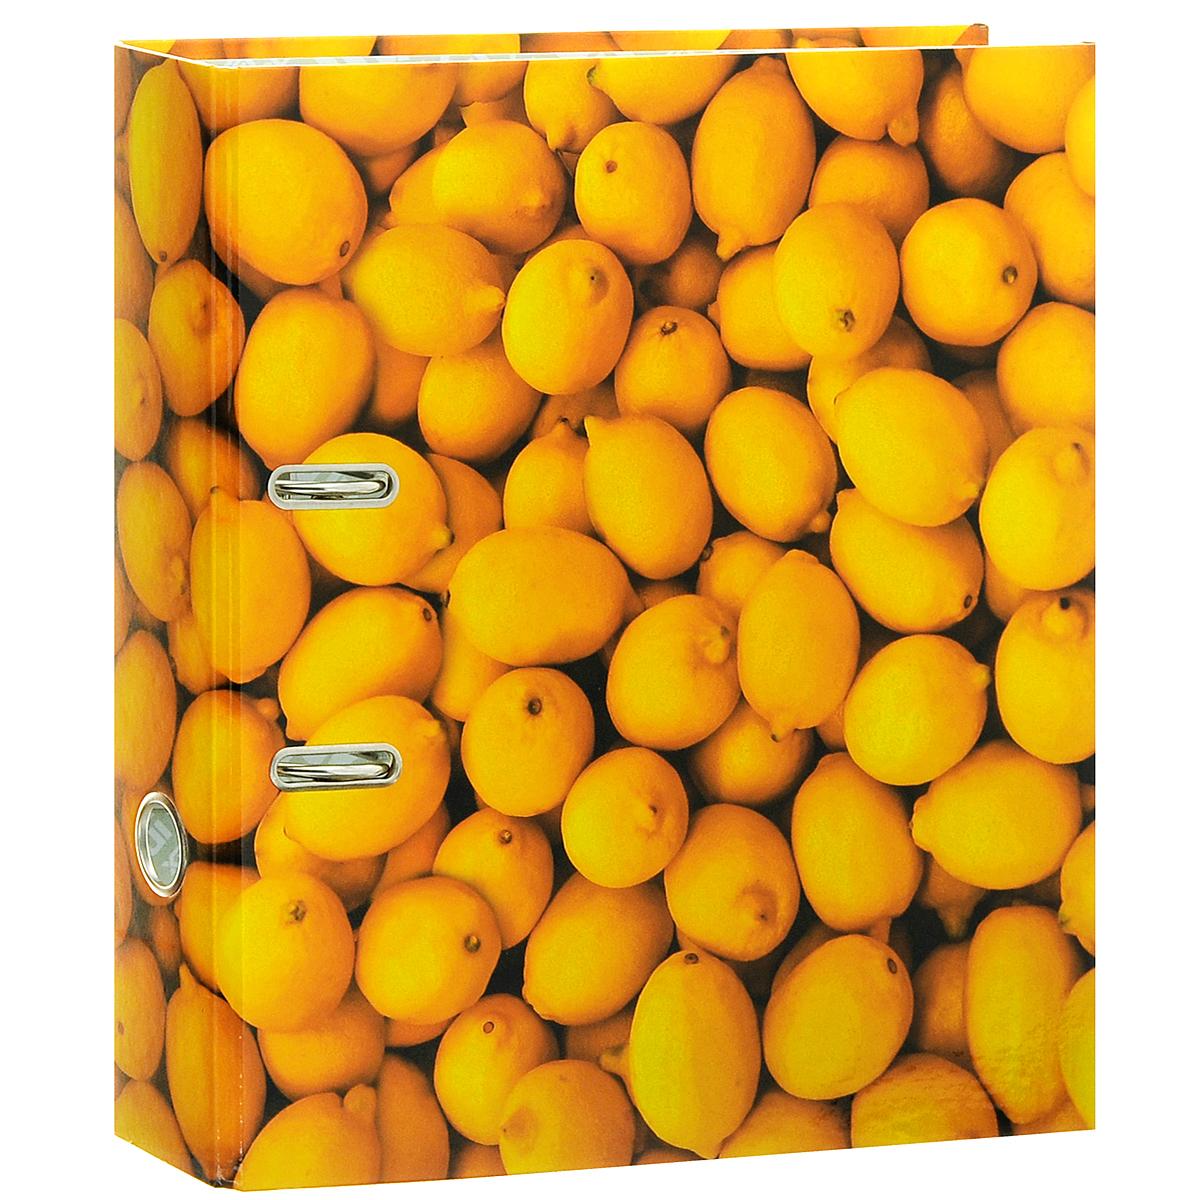 Папка-регистратор Index Лимон, ширина корешка 80 мм, цвет: желтыйIN111106Папка-регистратор Index Лимон незаменима для работы с большими объемами бумаг дома и в офисе.Папка изготовлена из износостойкого высококачественного картона толщиной 2 мм, имеет ламинацию как снаружи, так и внутри. Папка оснащена прочным металлическим арочным механизмом, обеспечивающим надежную фиксацию перфорированных бумаг и документов формата А4. Для папки используется фурнитура только европейского производства. На торце папки расположено металлическое кольцо для удобства использования. Обложка папки оформлена красочным изображением спелых лимонов. Папка-регистратор станет вашим надежным помощником, она упростит работу с бумагами и документами и защитит их от повреждения, пыли и влаги.